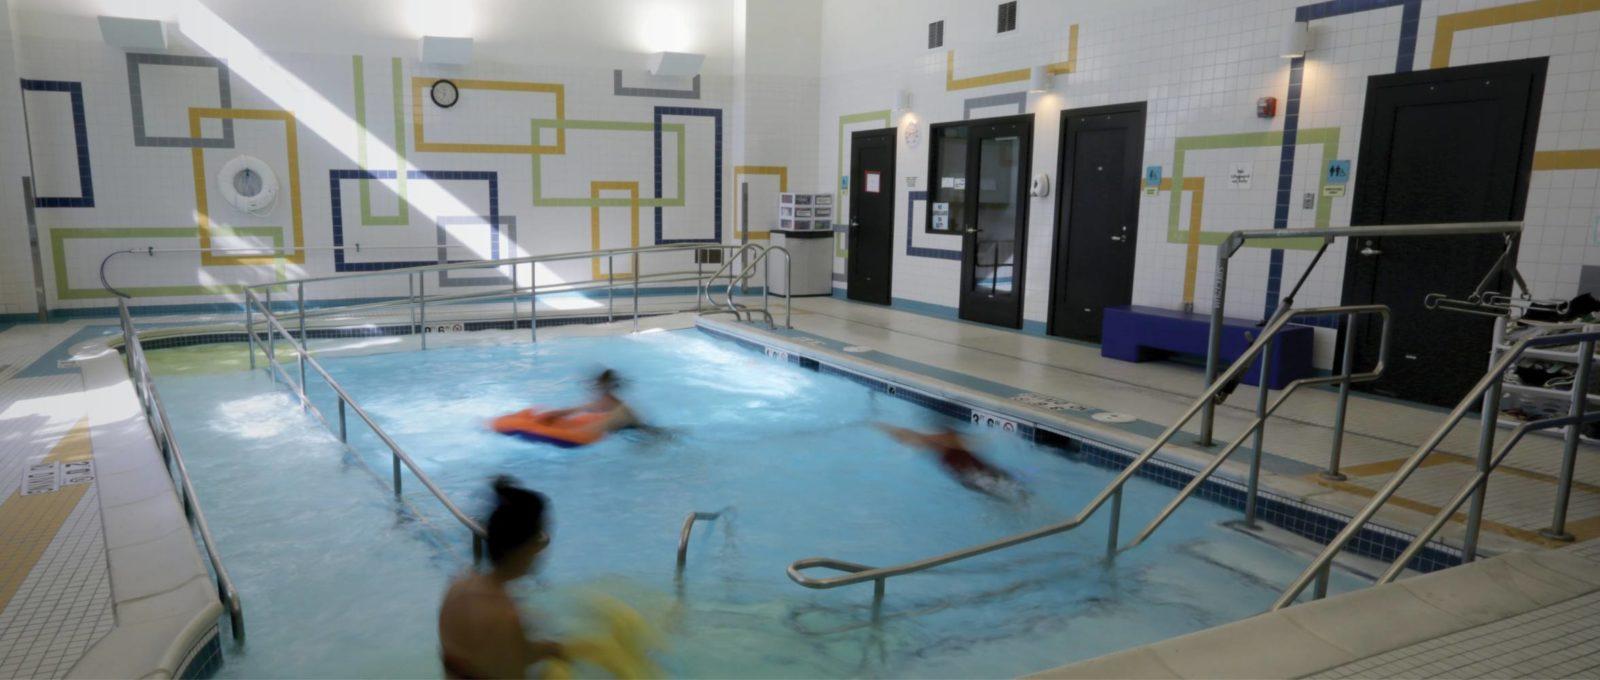 Pool Therapy at Ranken Jordan